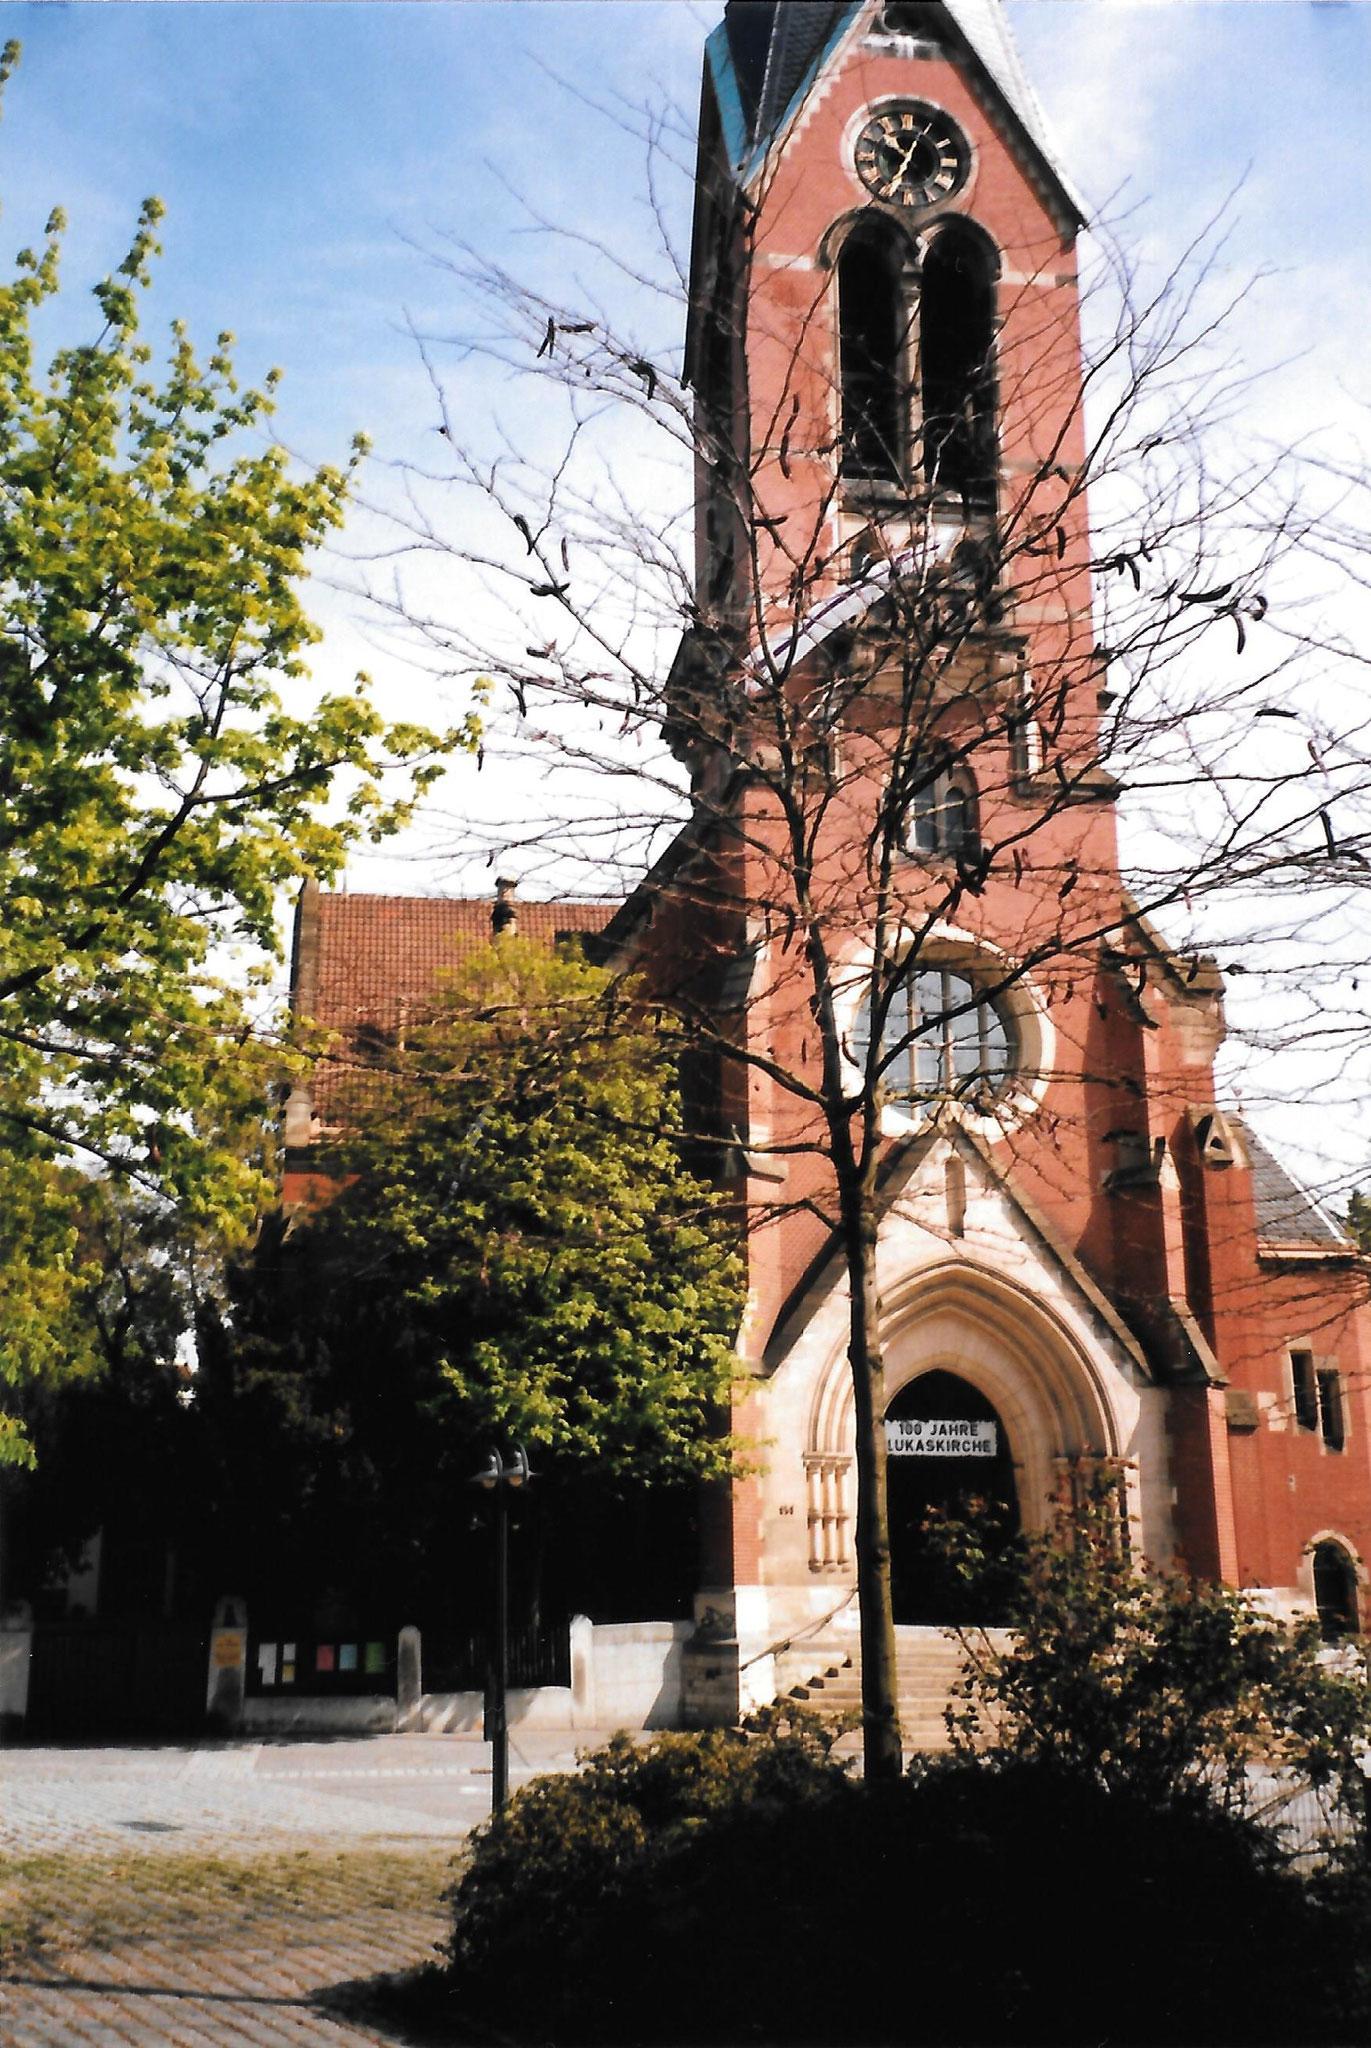 Евангелическая церковь апостола Луки в г. Штутгарте, 1989 год